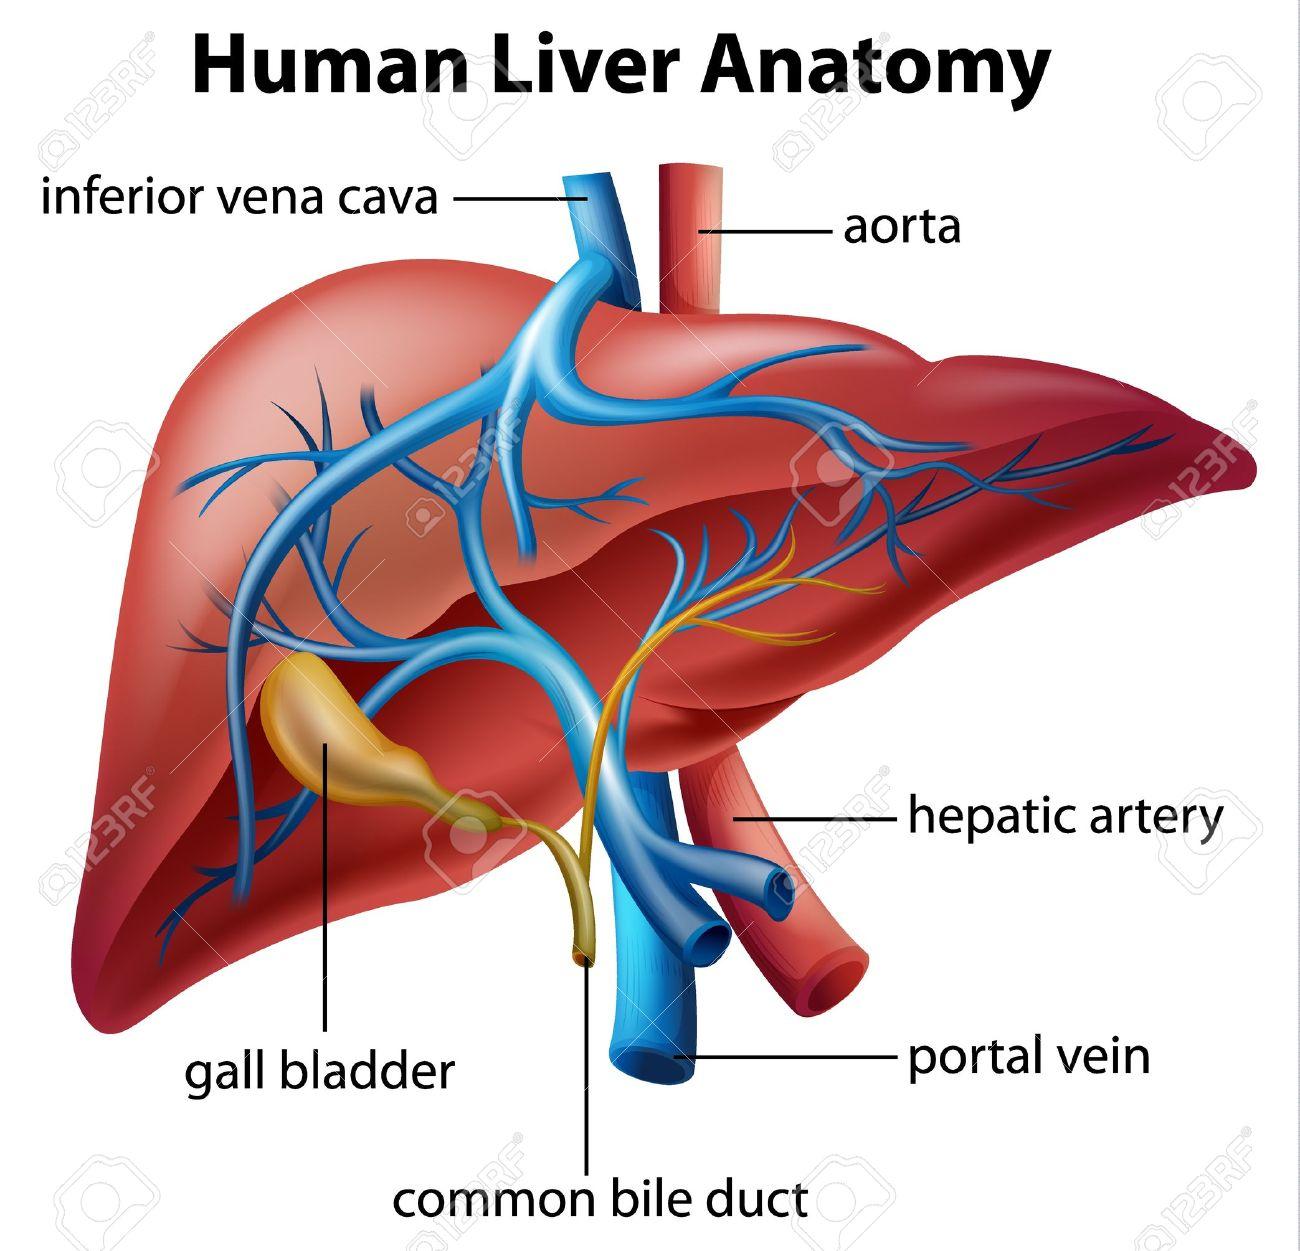 Ilustración De La Anatomía Del Hígado Humano Ilustraciones ...